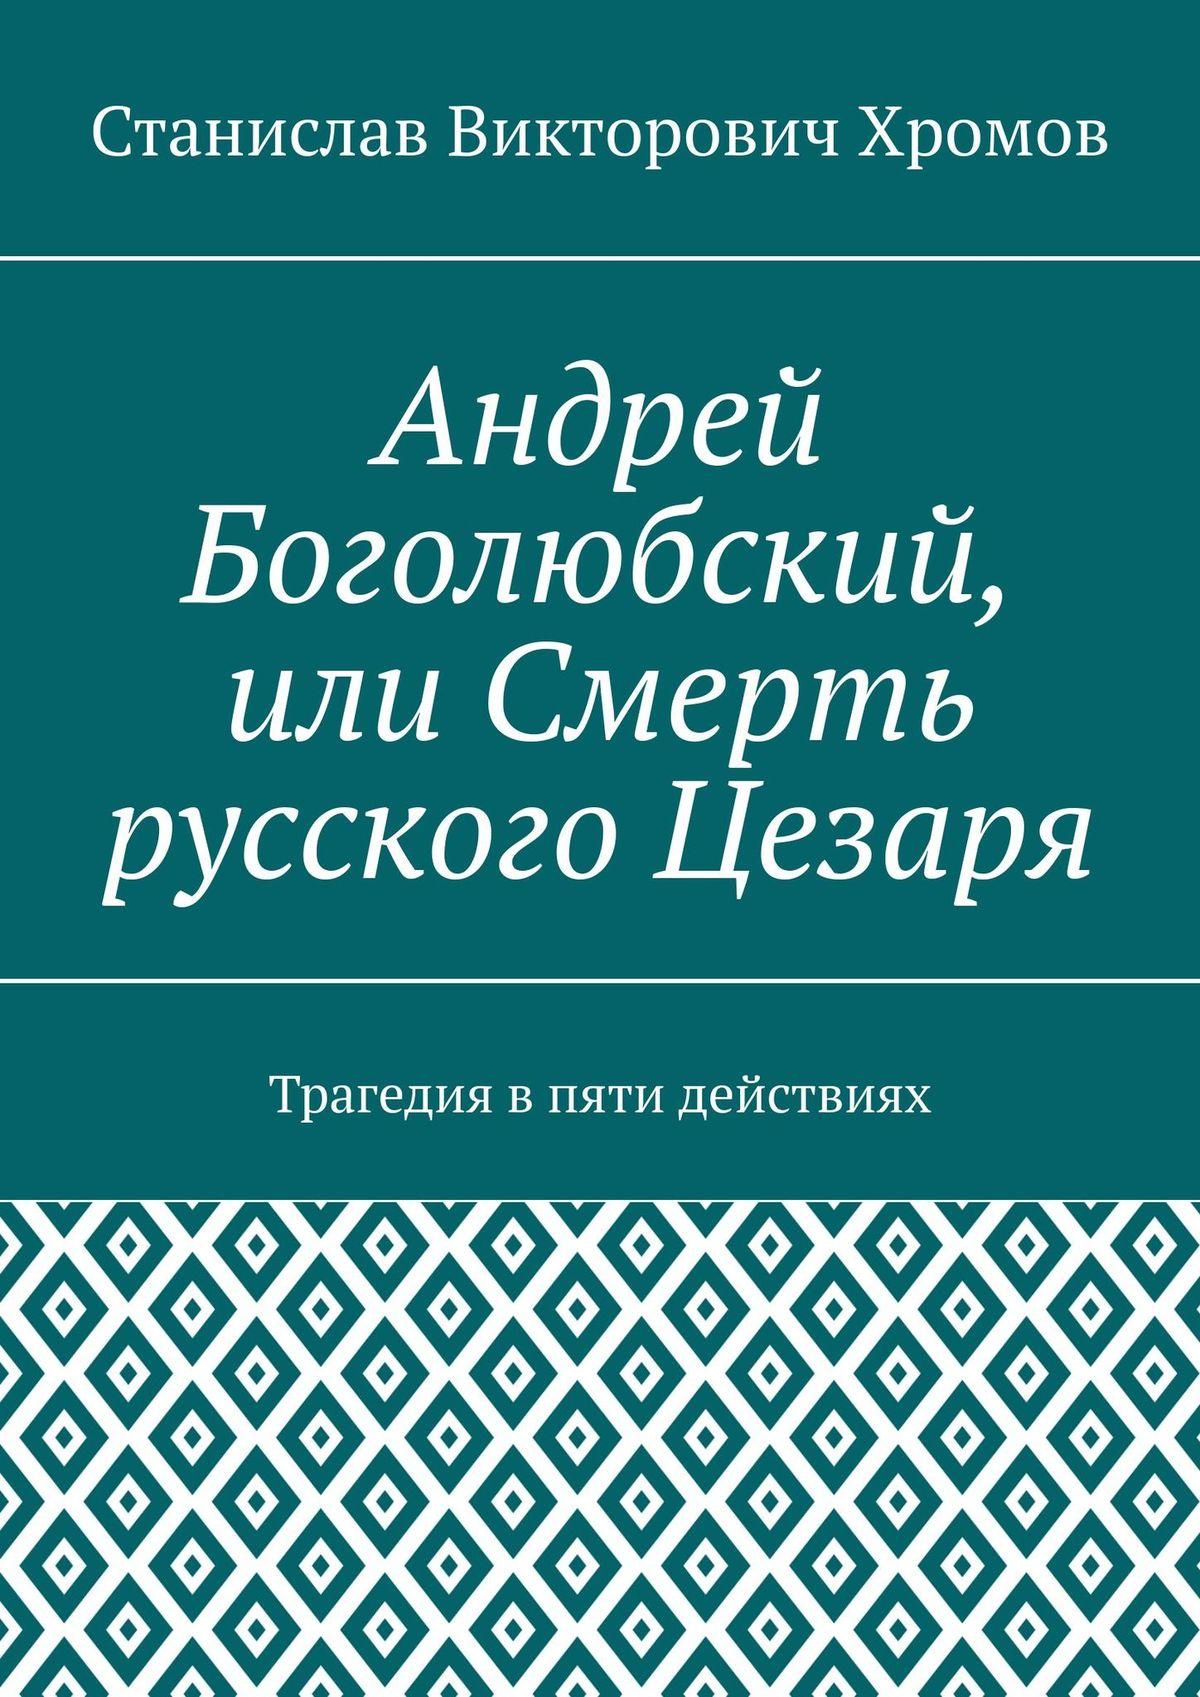 Андрей Боголюбский, или Смерть русского Цезаря. Трагедия впяти действиях